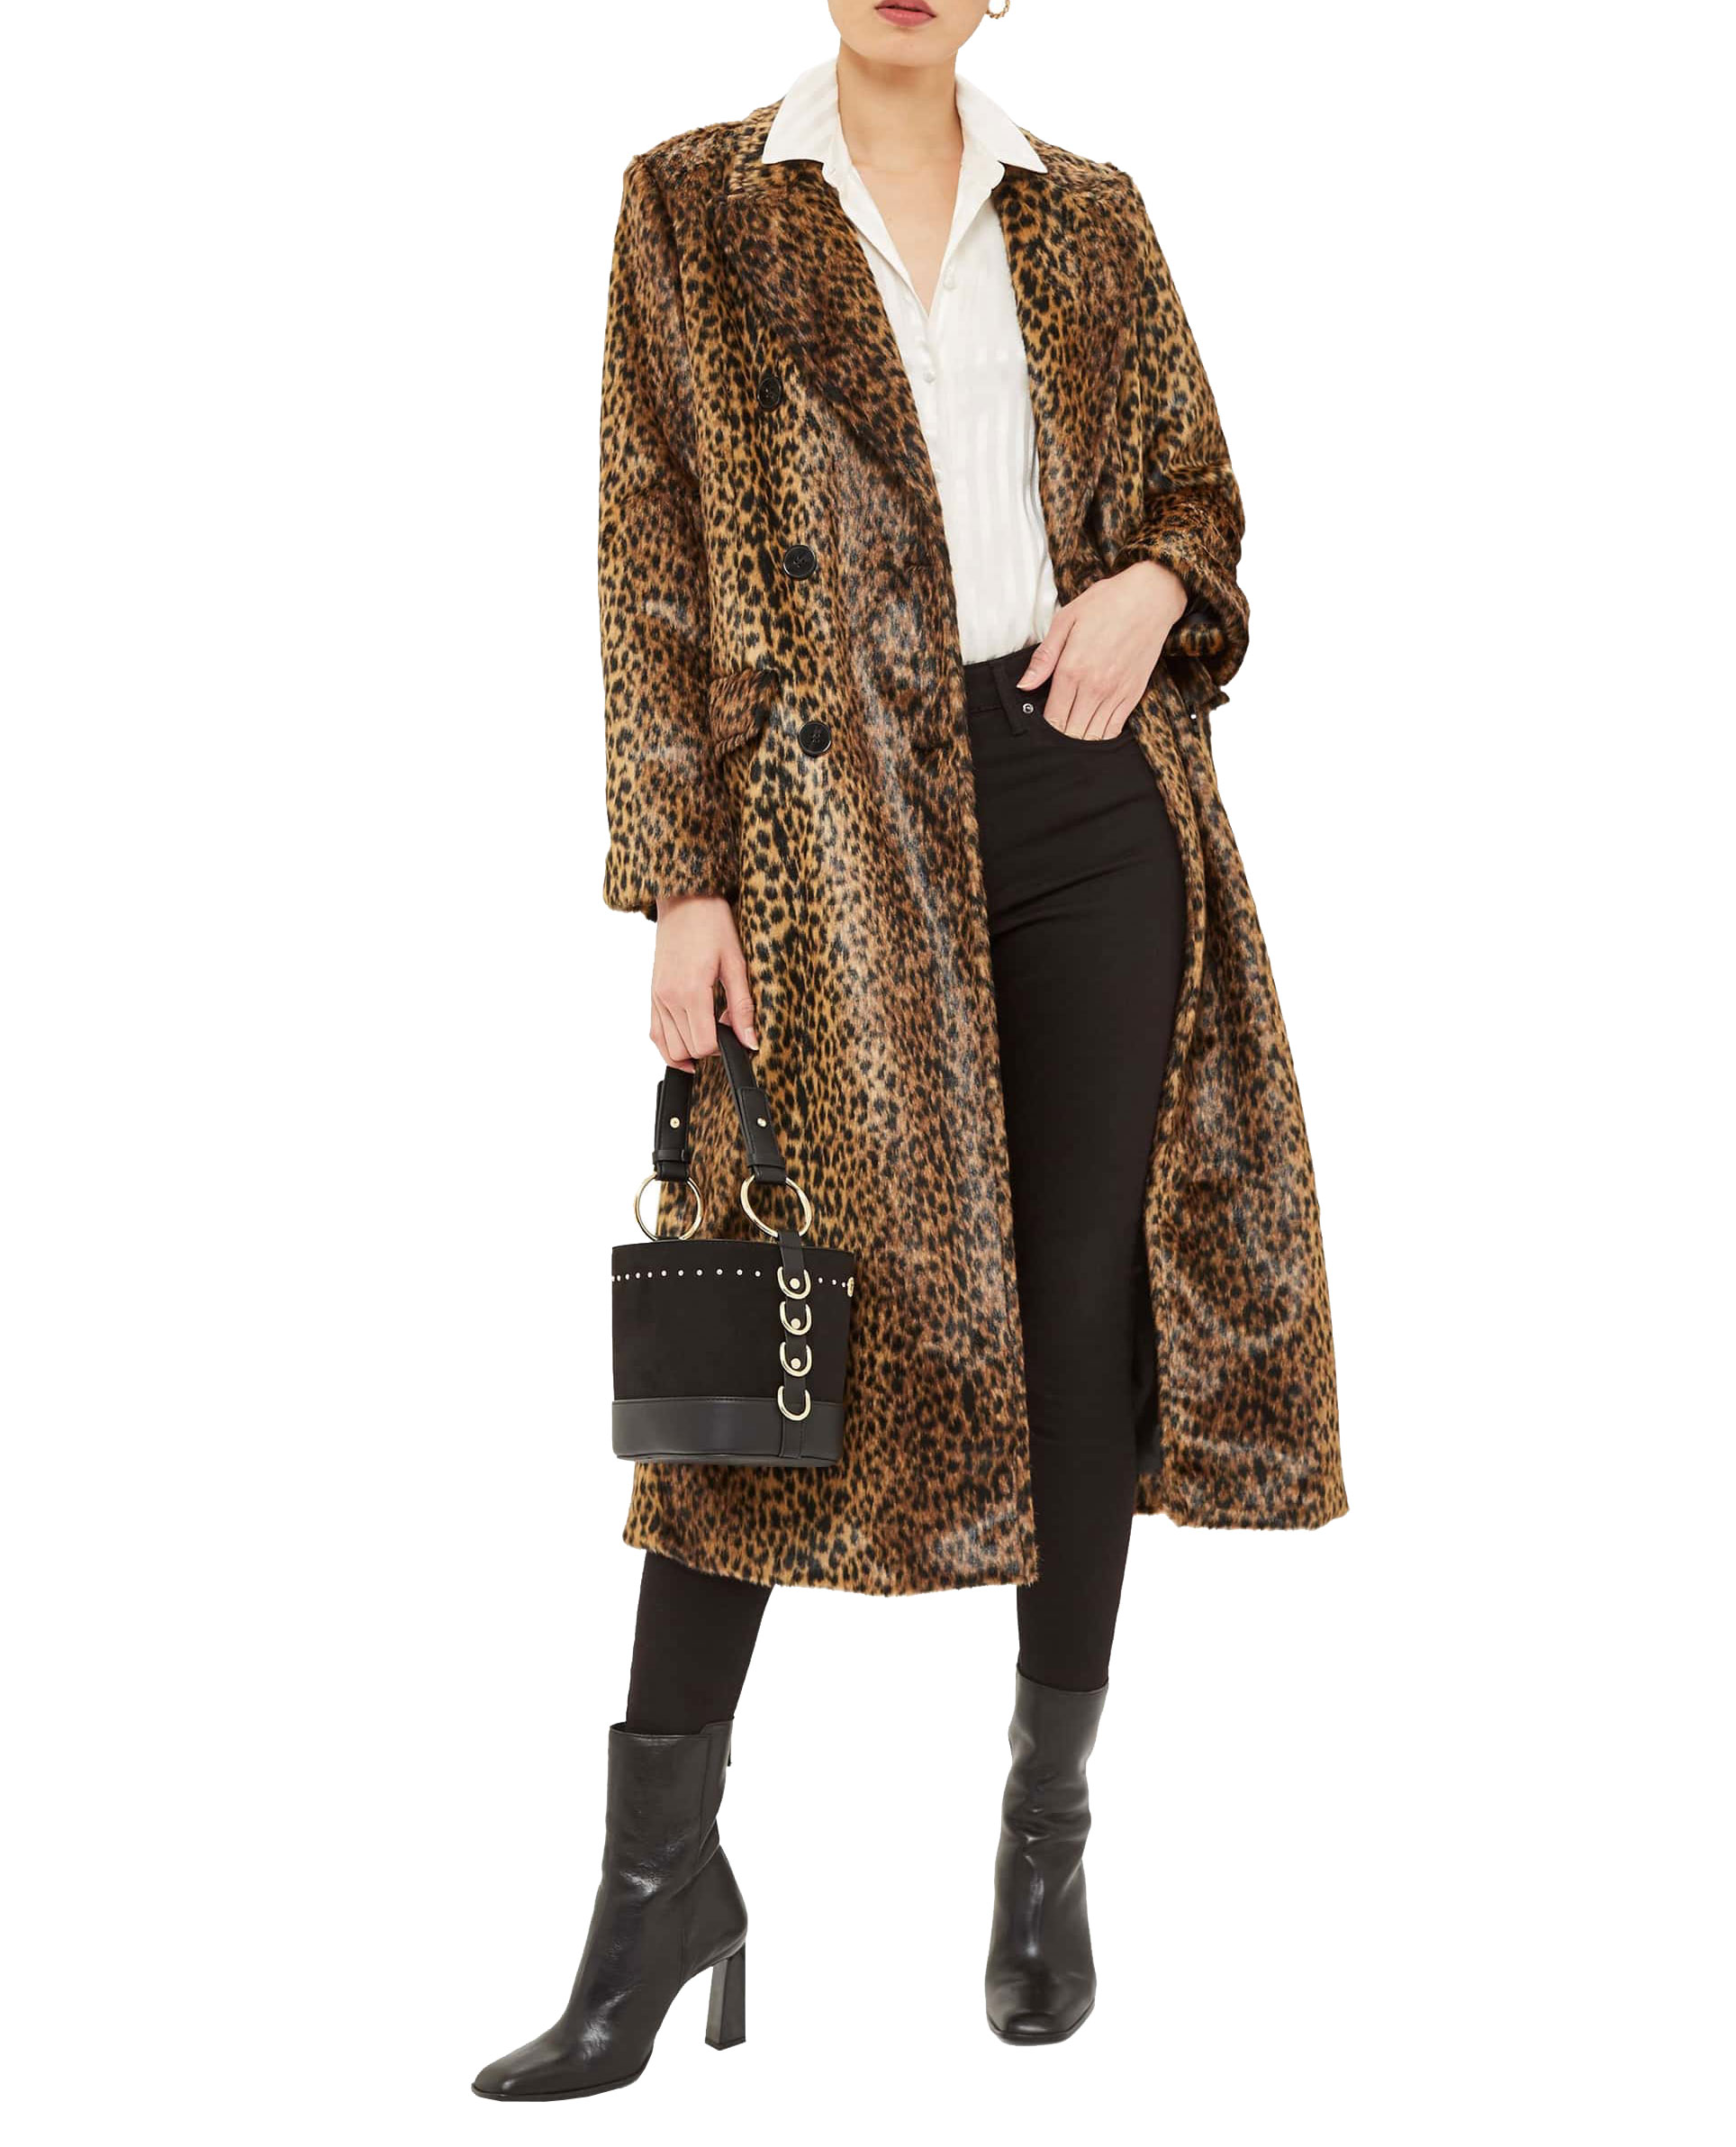 Top Shop Leopard Coat     $210